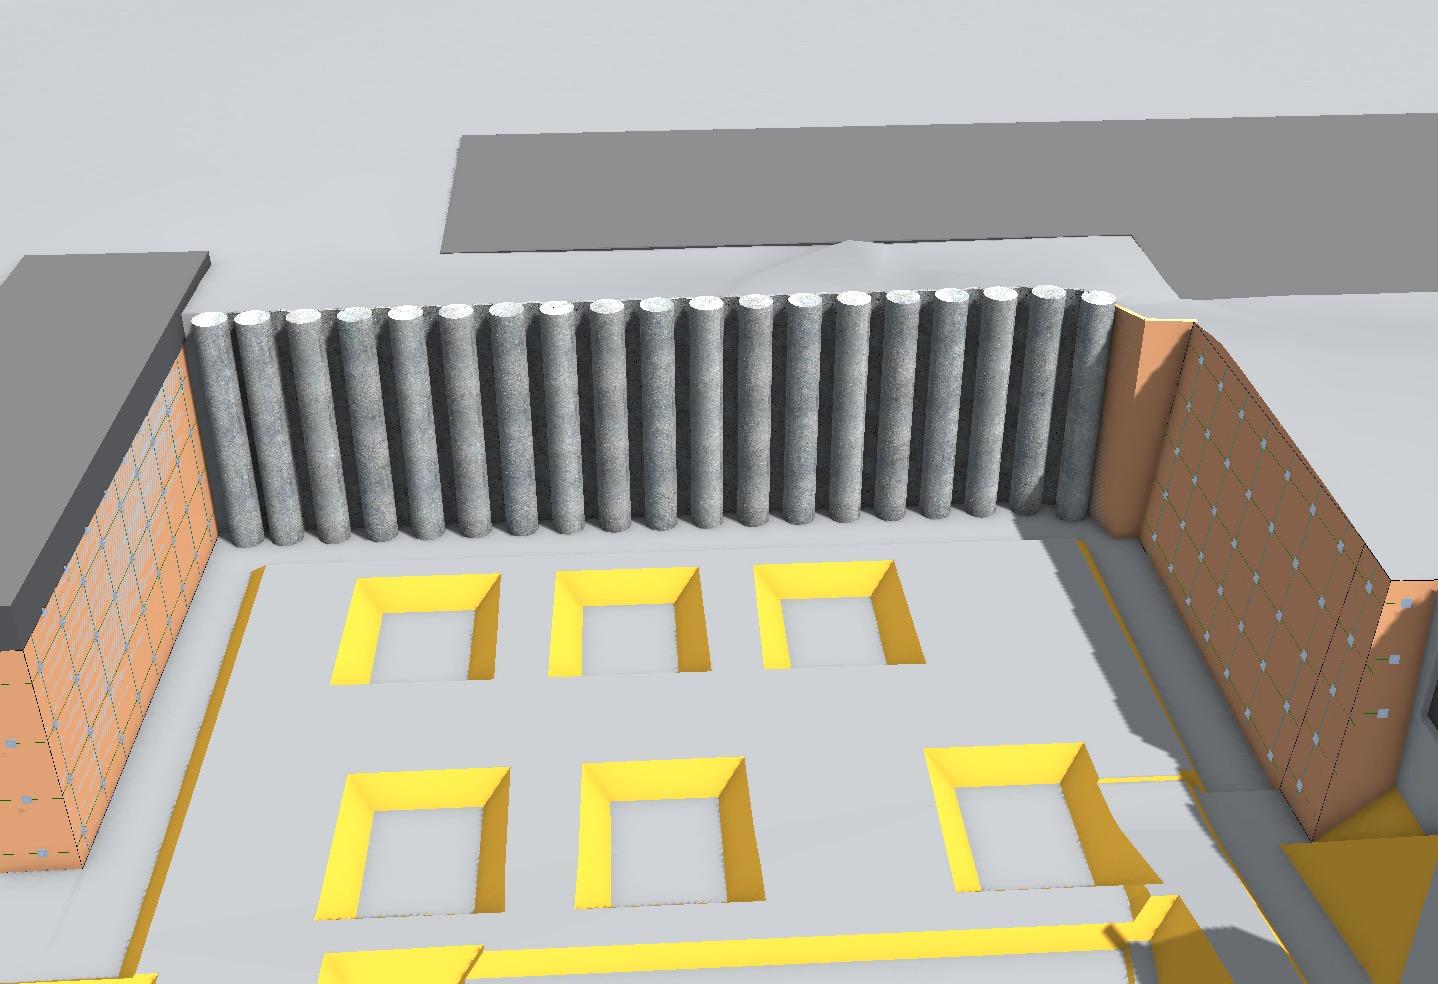 Geotechnisches-Bauwerks-Modell - Bohrpfahlwand